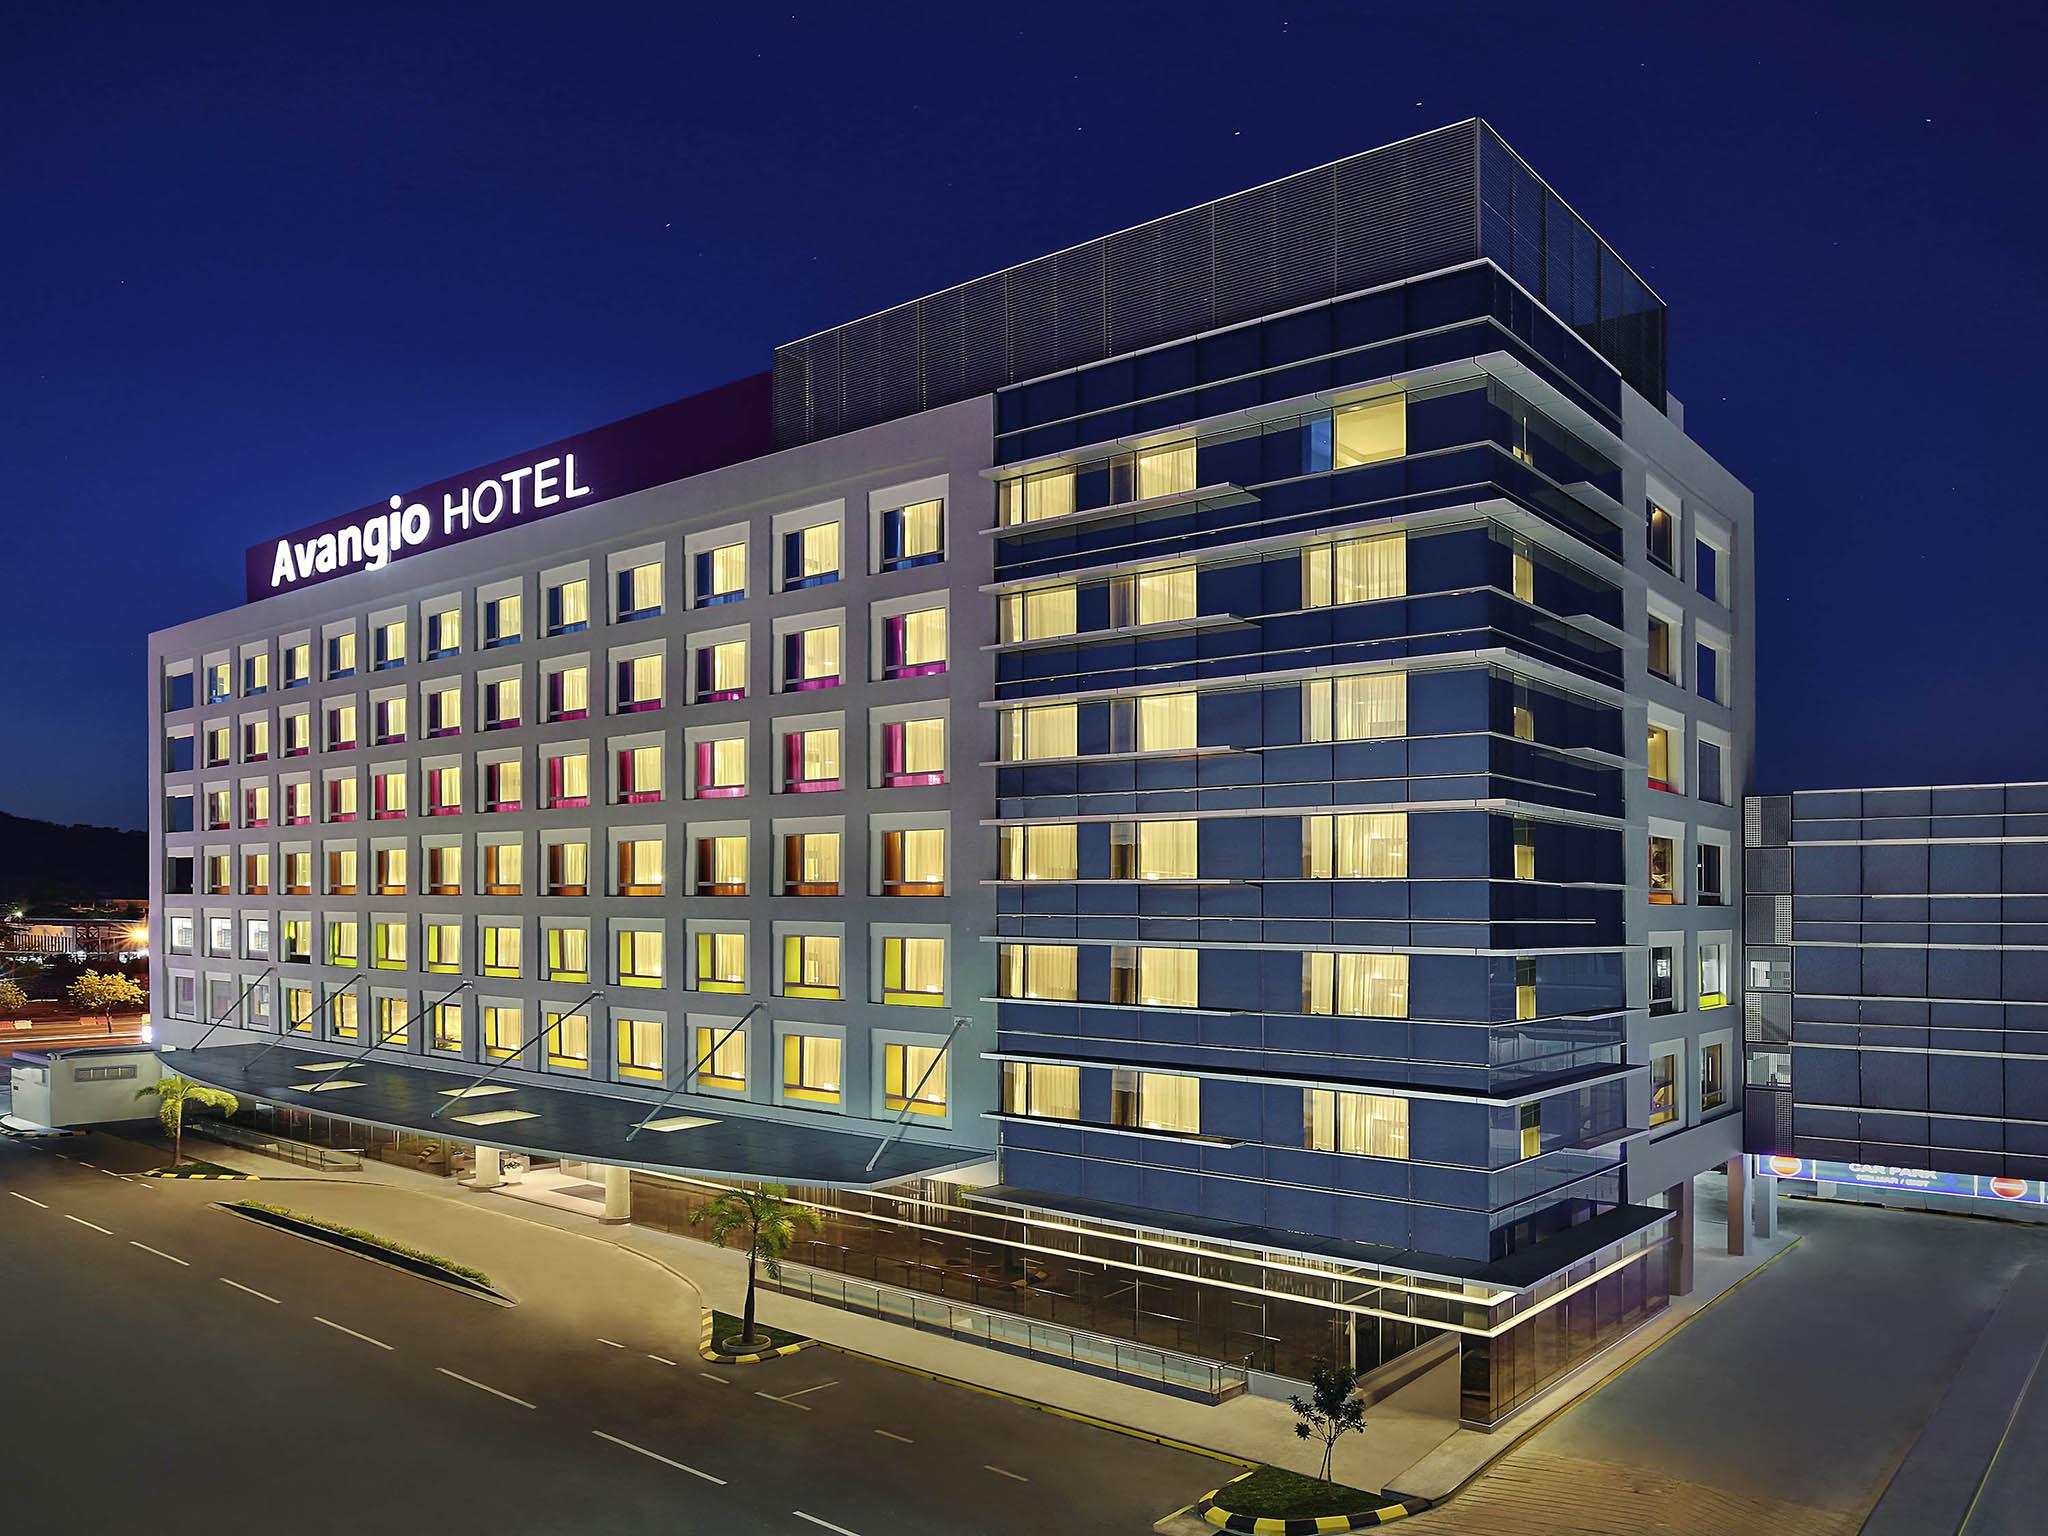 Hotel - Avangio Hotel Kota Kinabalu - Managed by AccorHotels